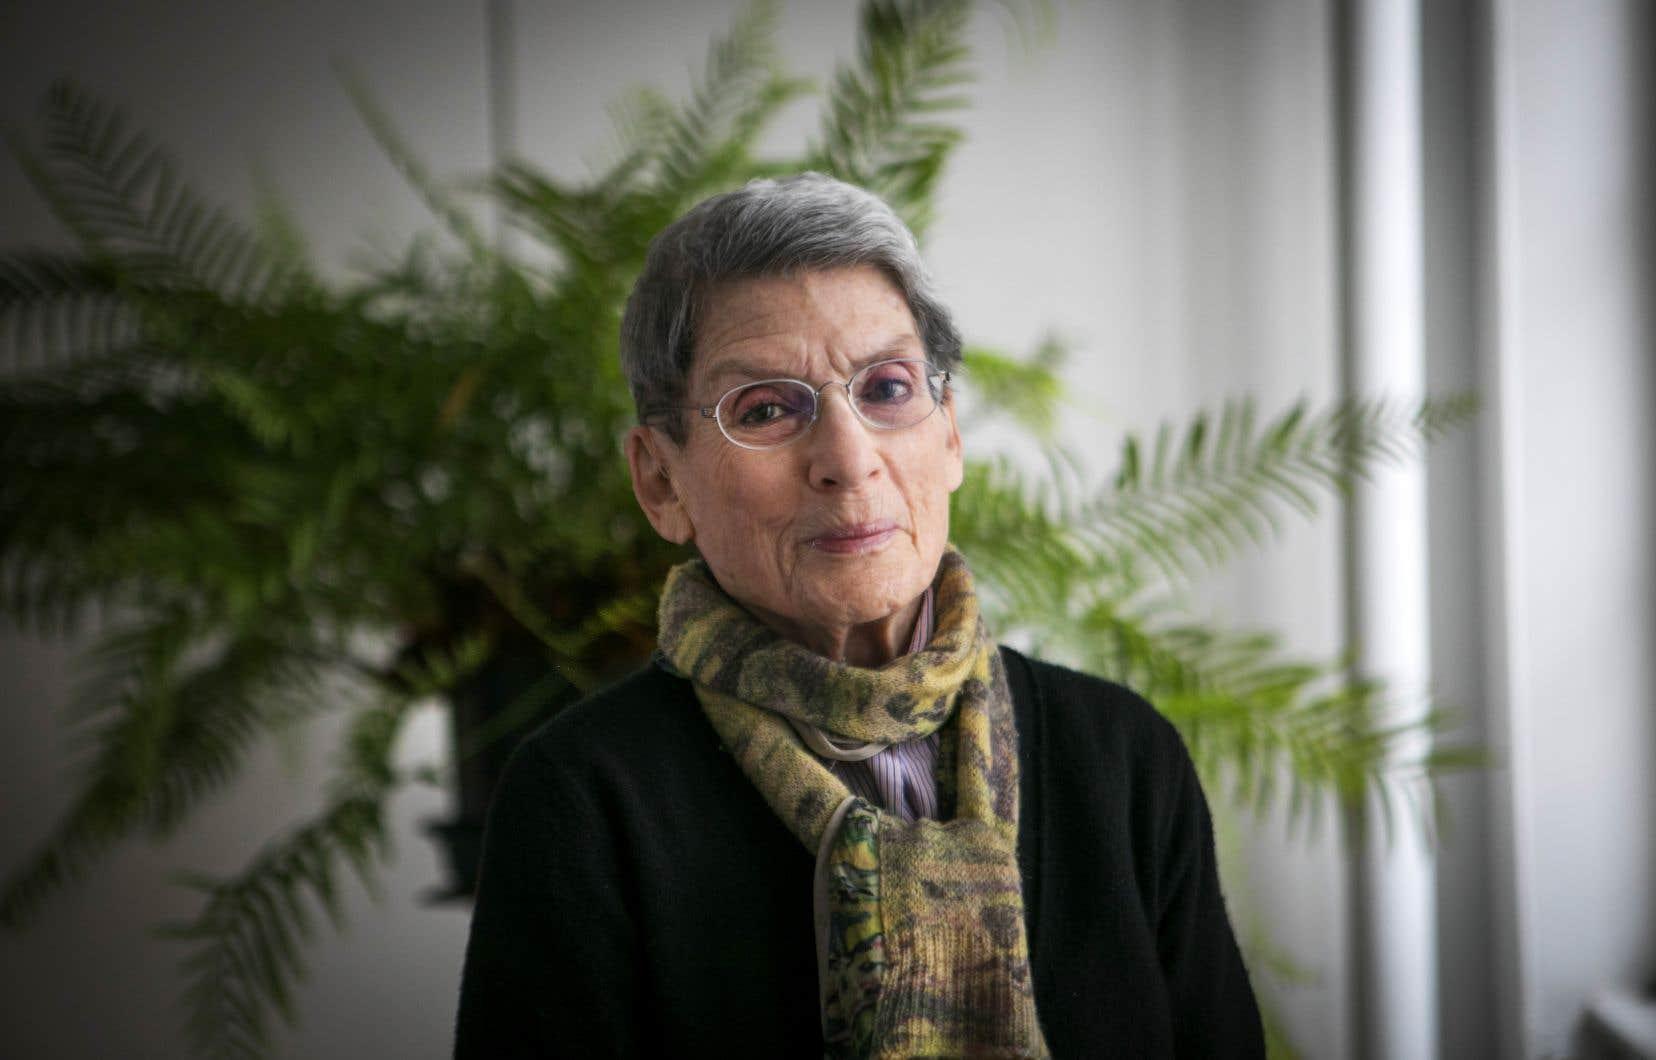 La fondatrice du Centre canadien d'architecture, Phyllis Lambert, juge défavorablement les propositions décrites par Denis Coderre dans son livre «Retrouver Montréal».